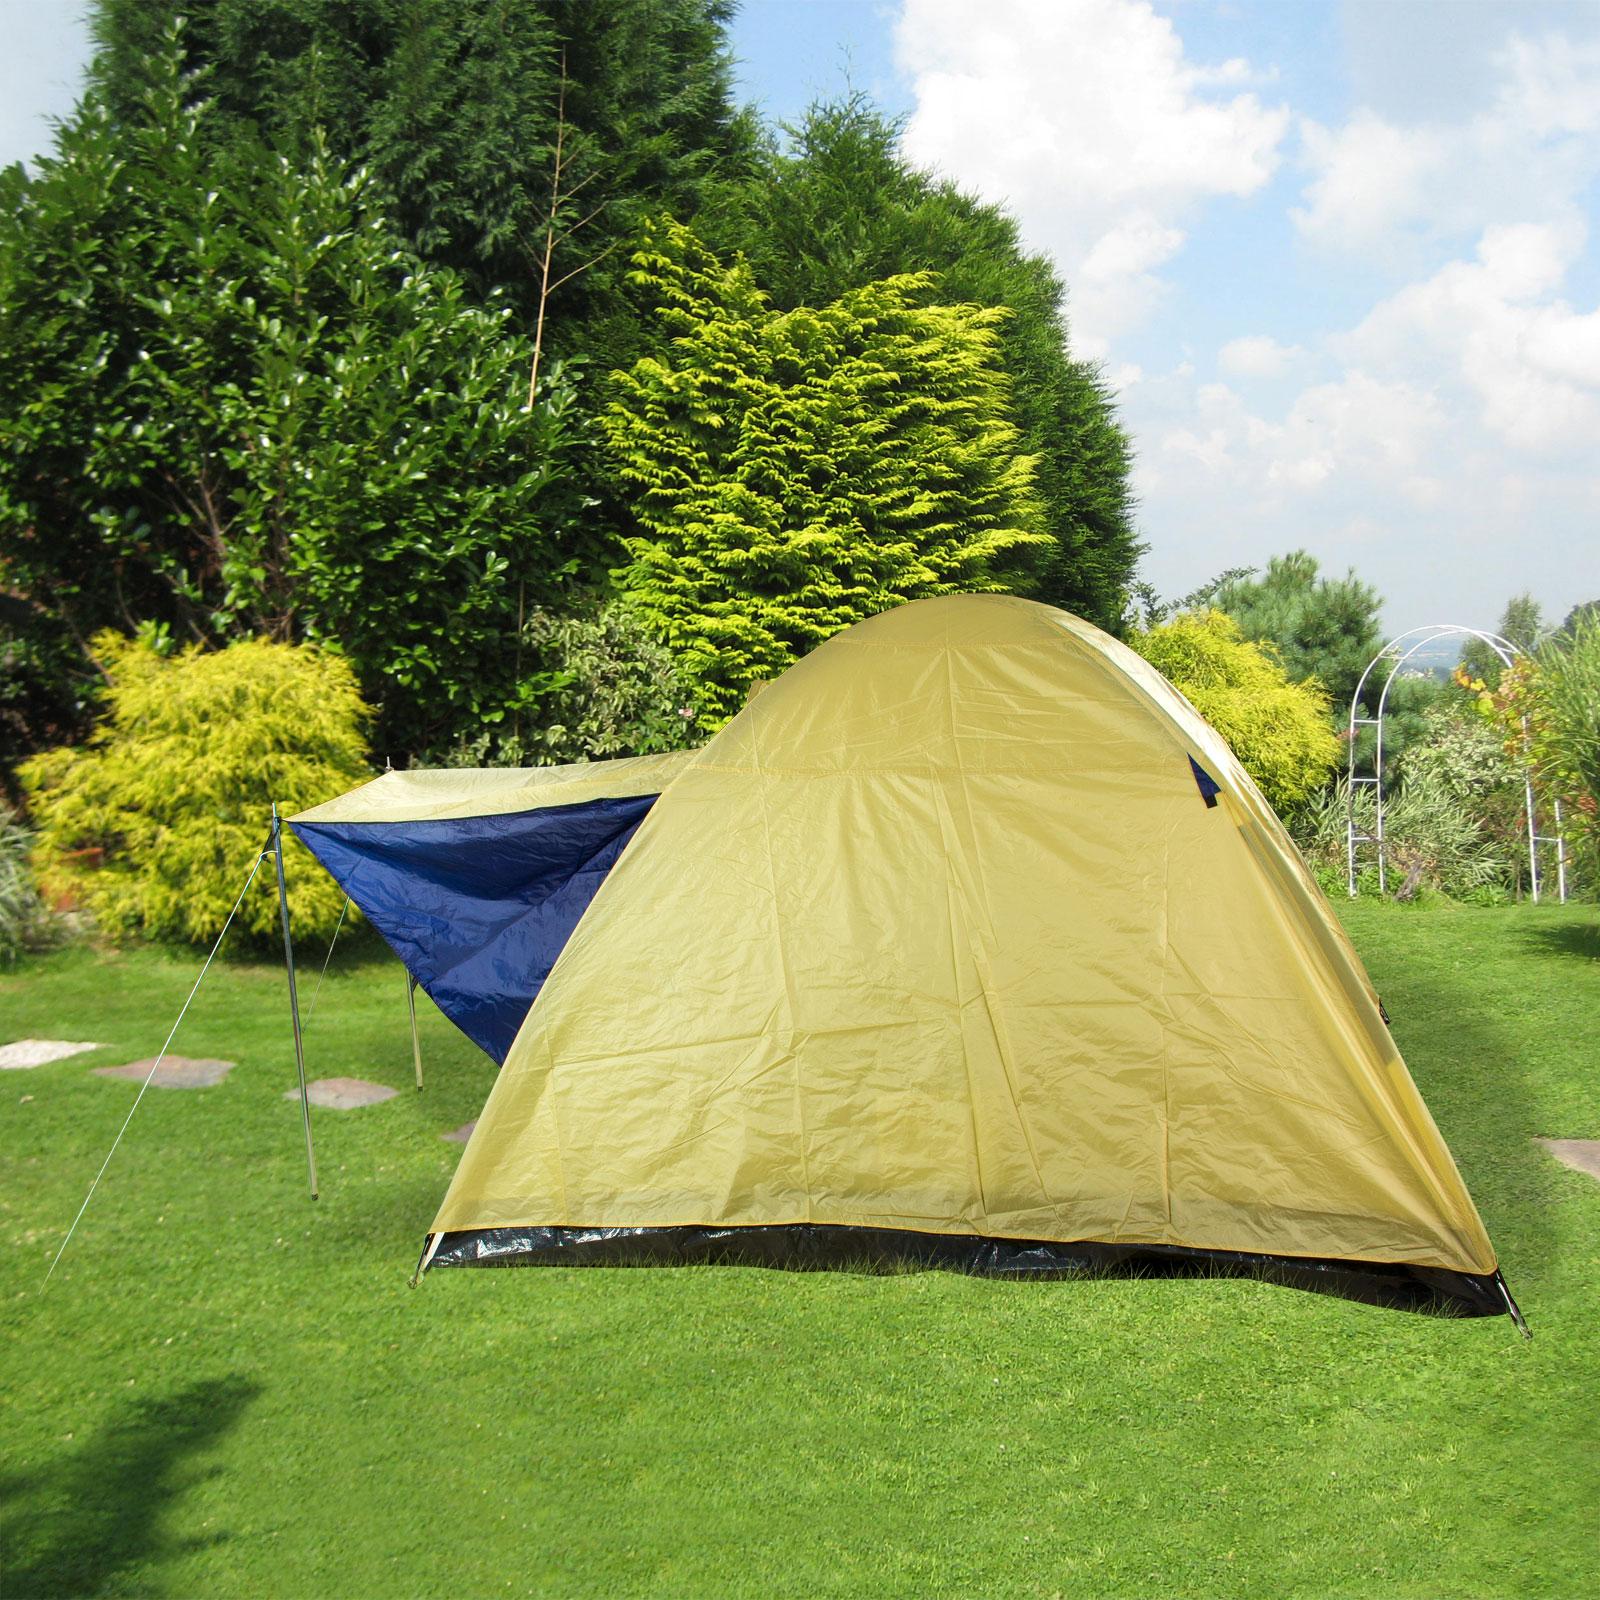 3 Man Zelt : Igluzelt kuppelzelt drei mann zelt personen camping